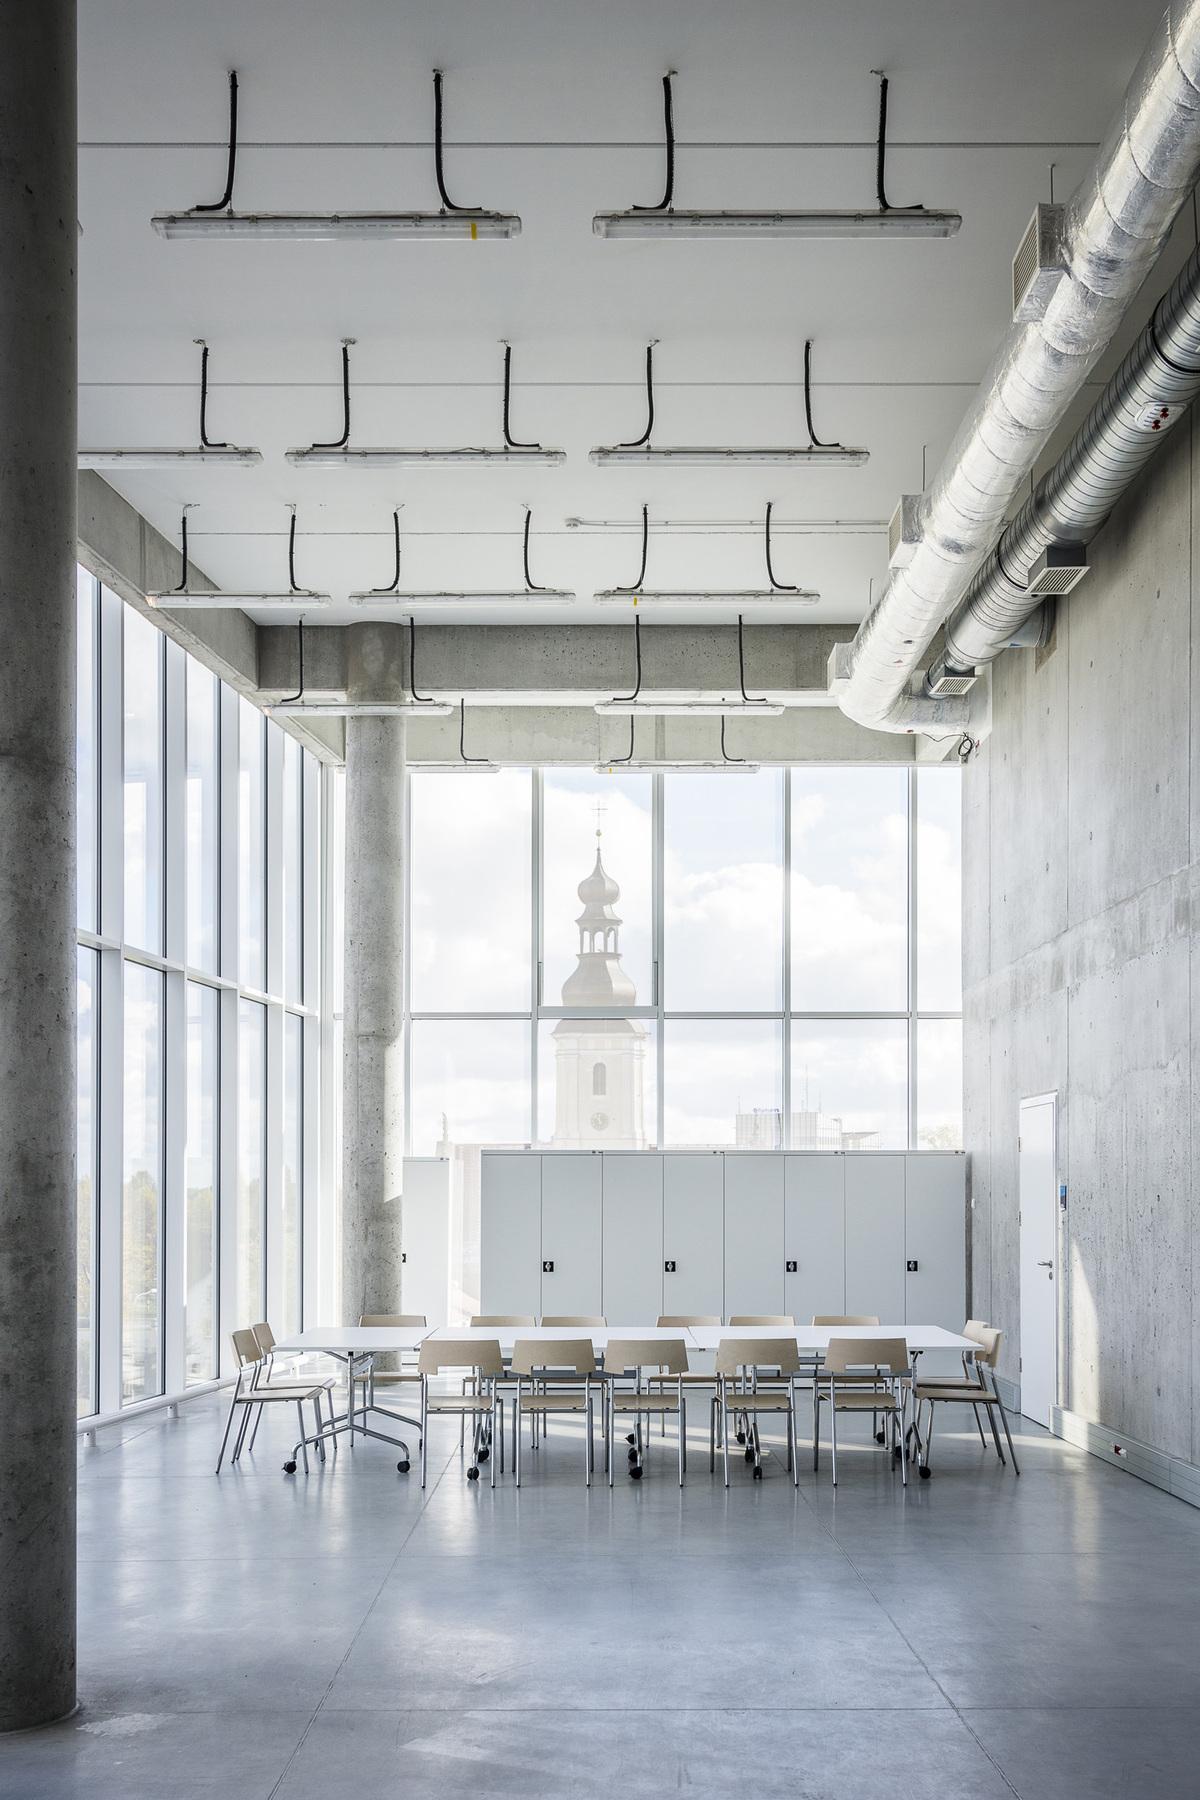 Corner classroom_Photo by Jakub Certowicz